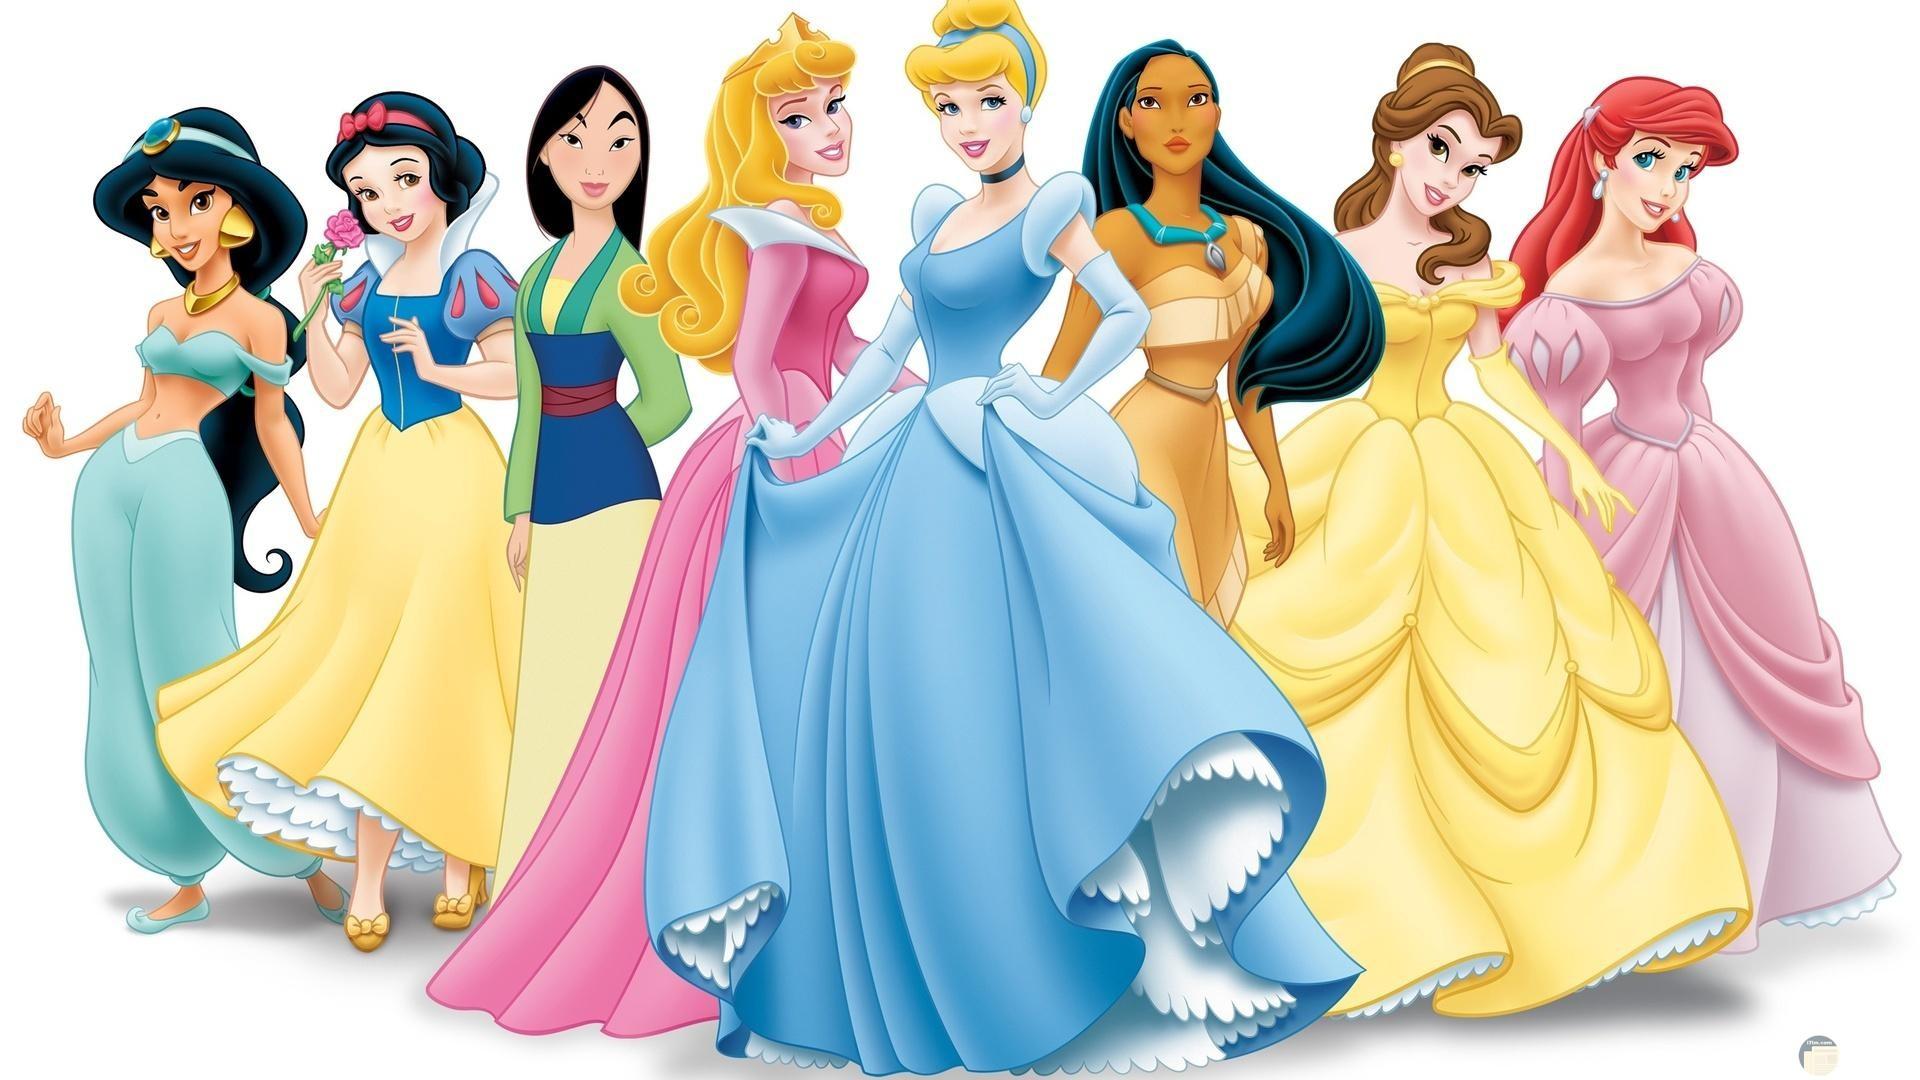 أميرات ديزني الثمانية.